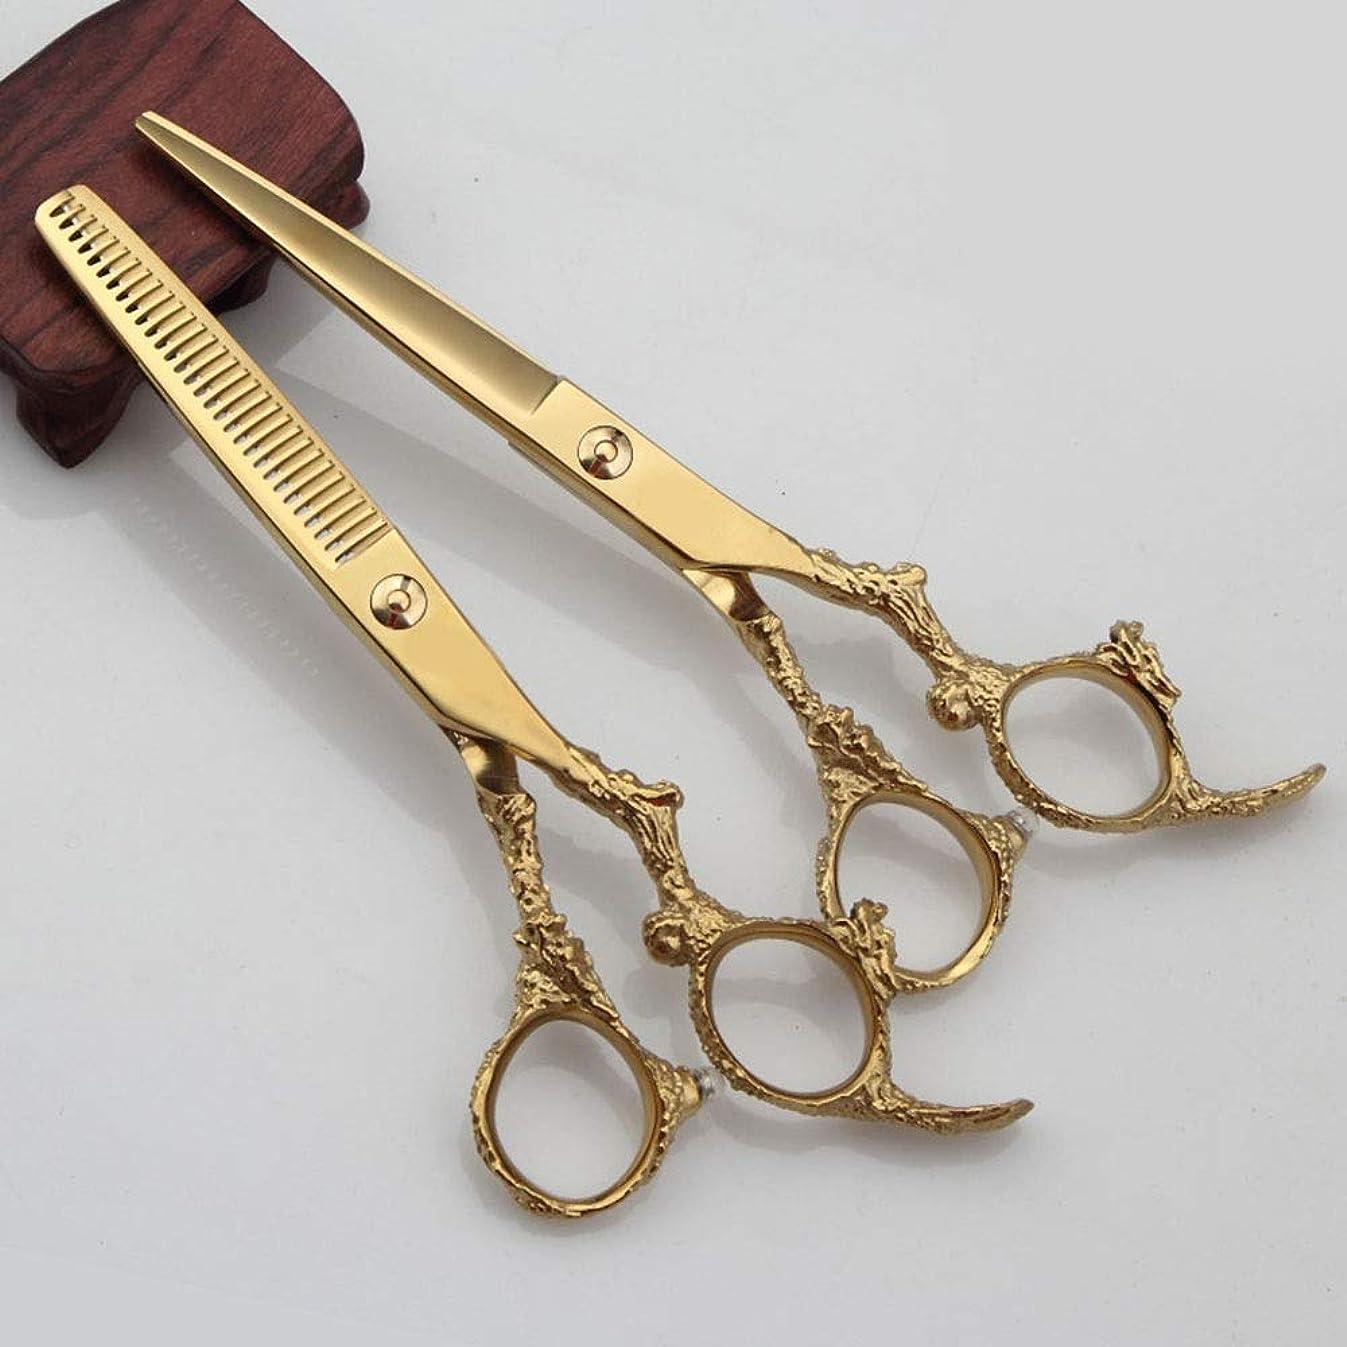 レジトランペットかどうか6インチ美容院プロフェッショナル理髪セットフラットシアー+歯はさみセット モデリングツール (色 : ゴールド)